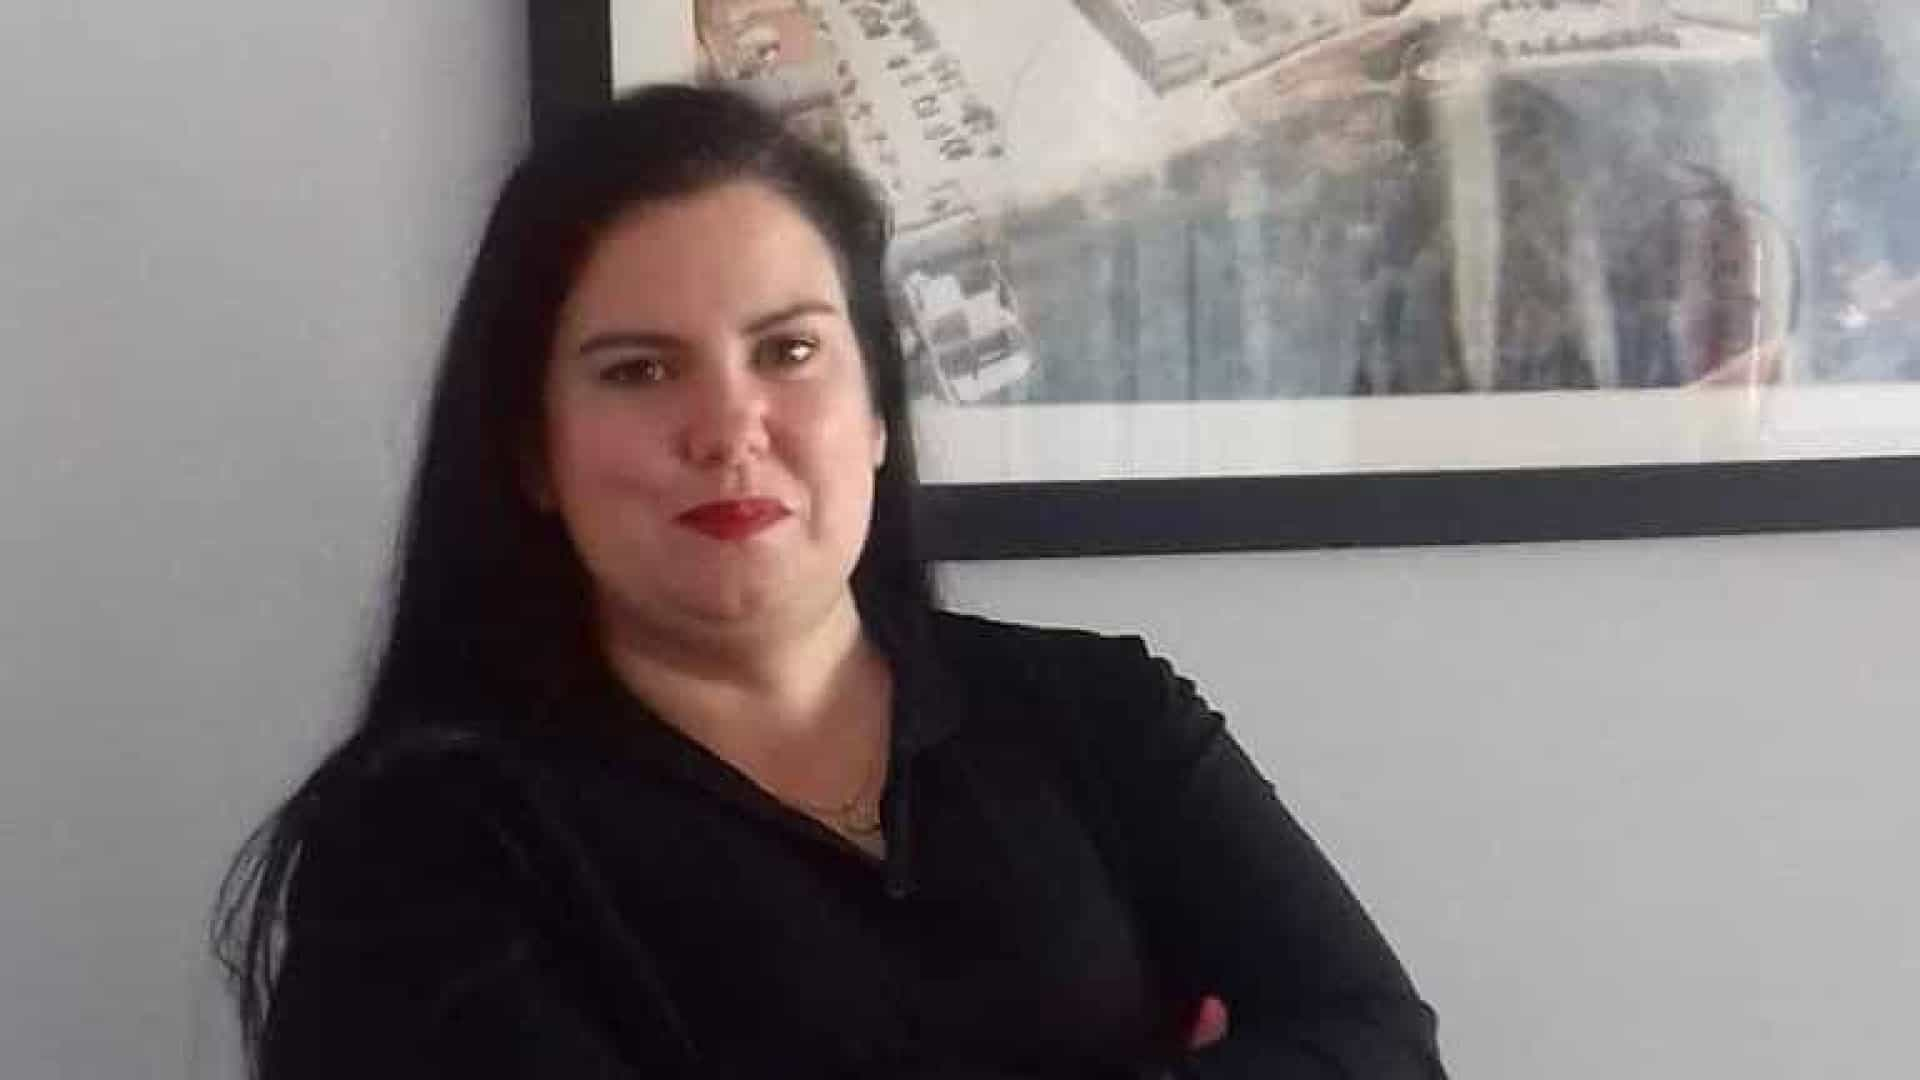 Candidata do CDS-PP à freguesia de Palmela surpreendida por tiroteio